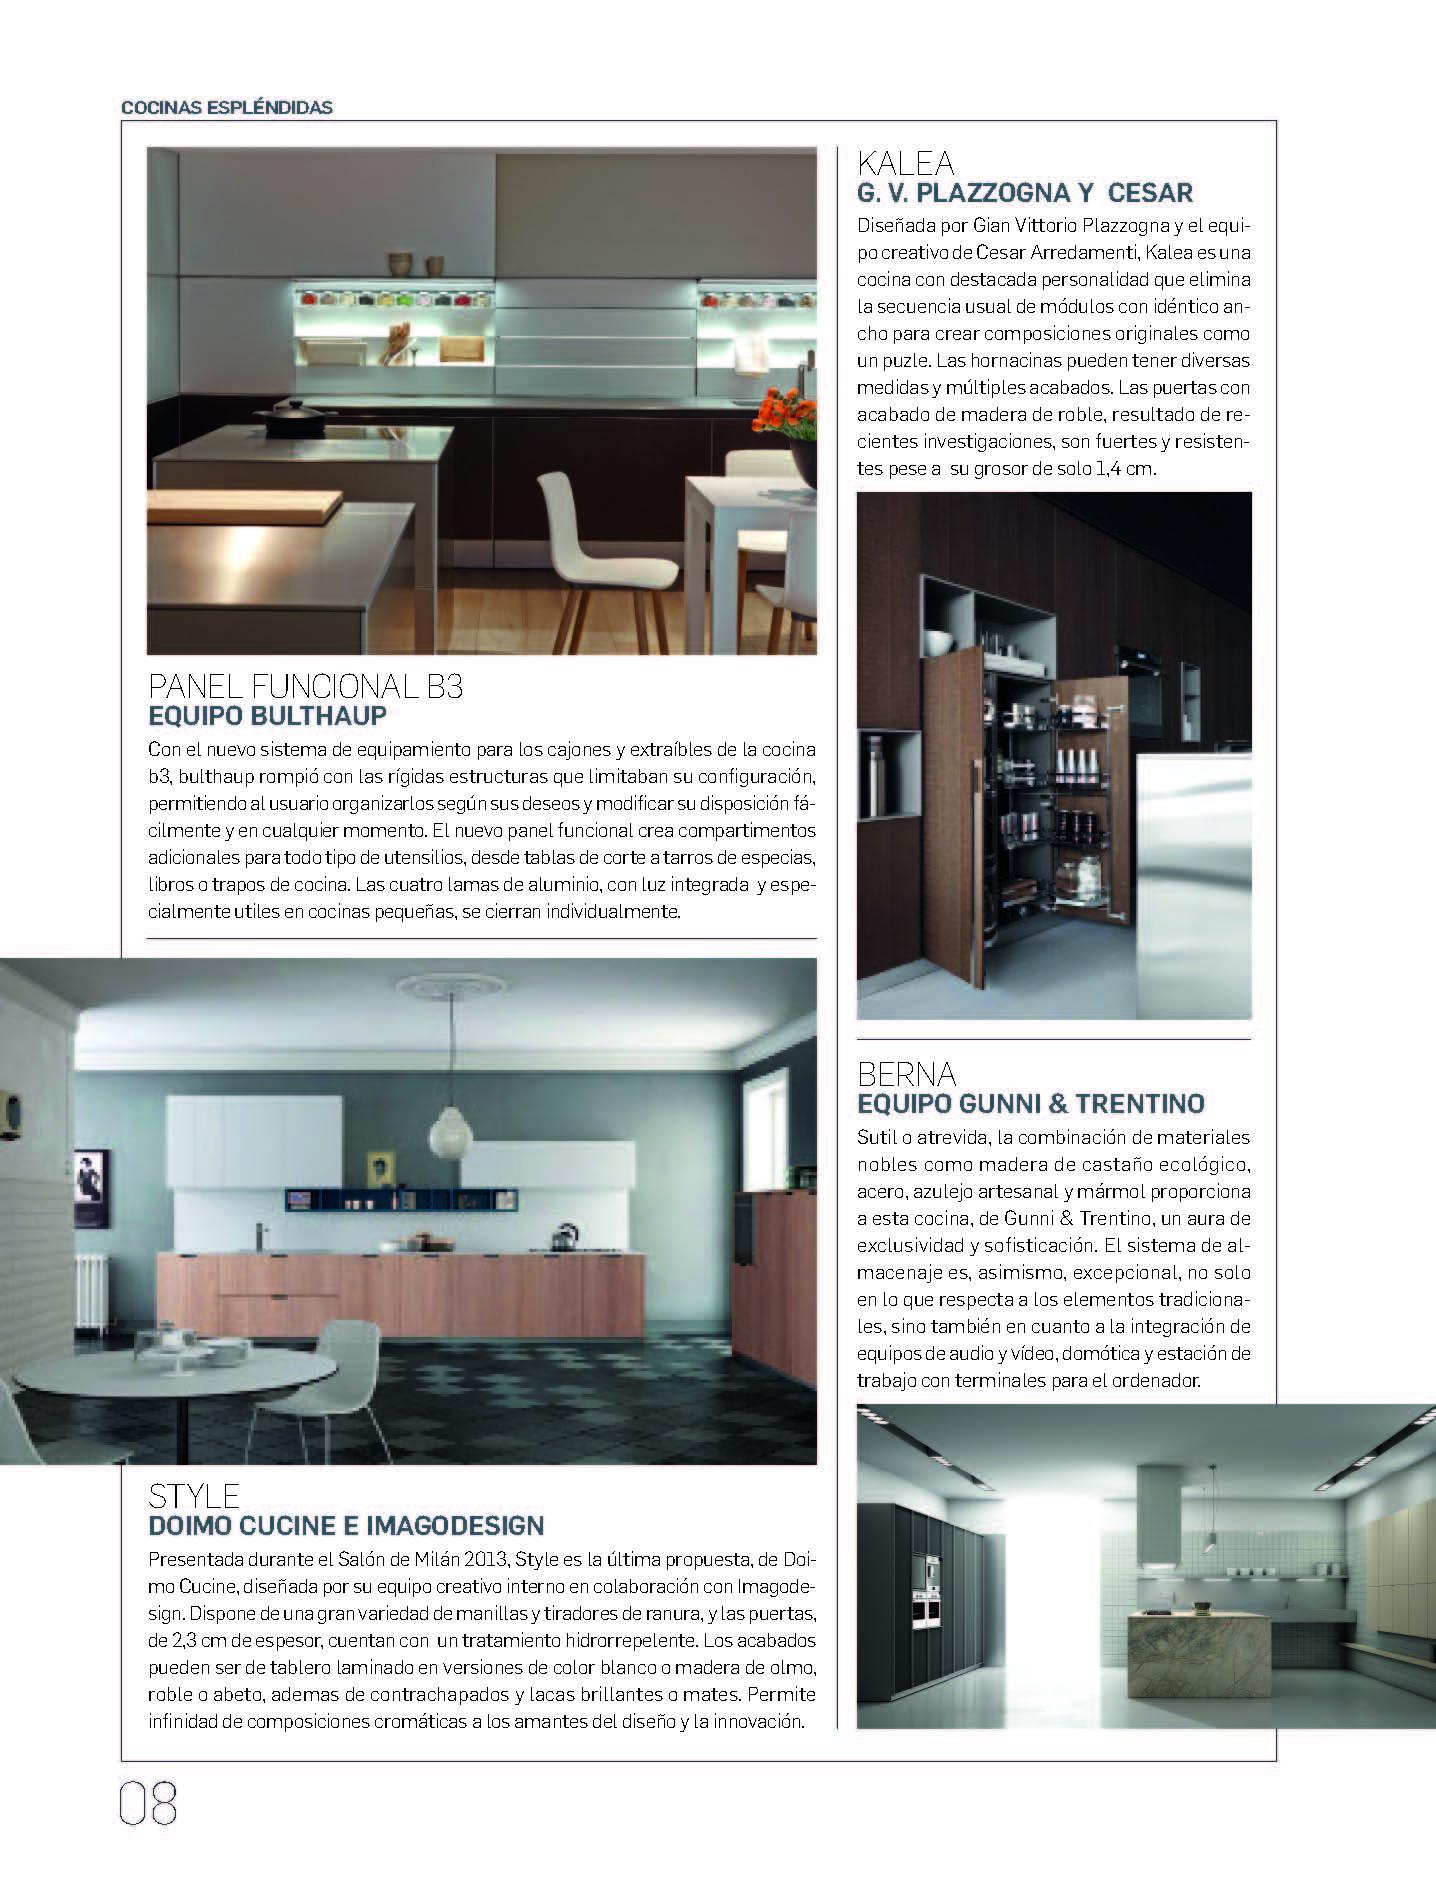 , Arquitectura & Diseño 2013, Gunni & Trentino